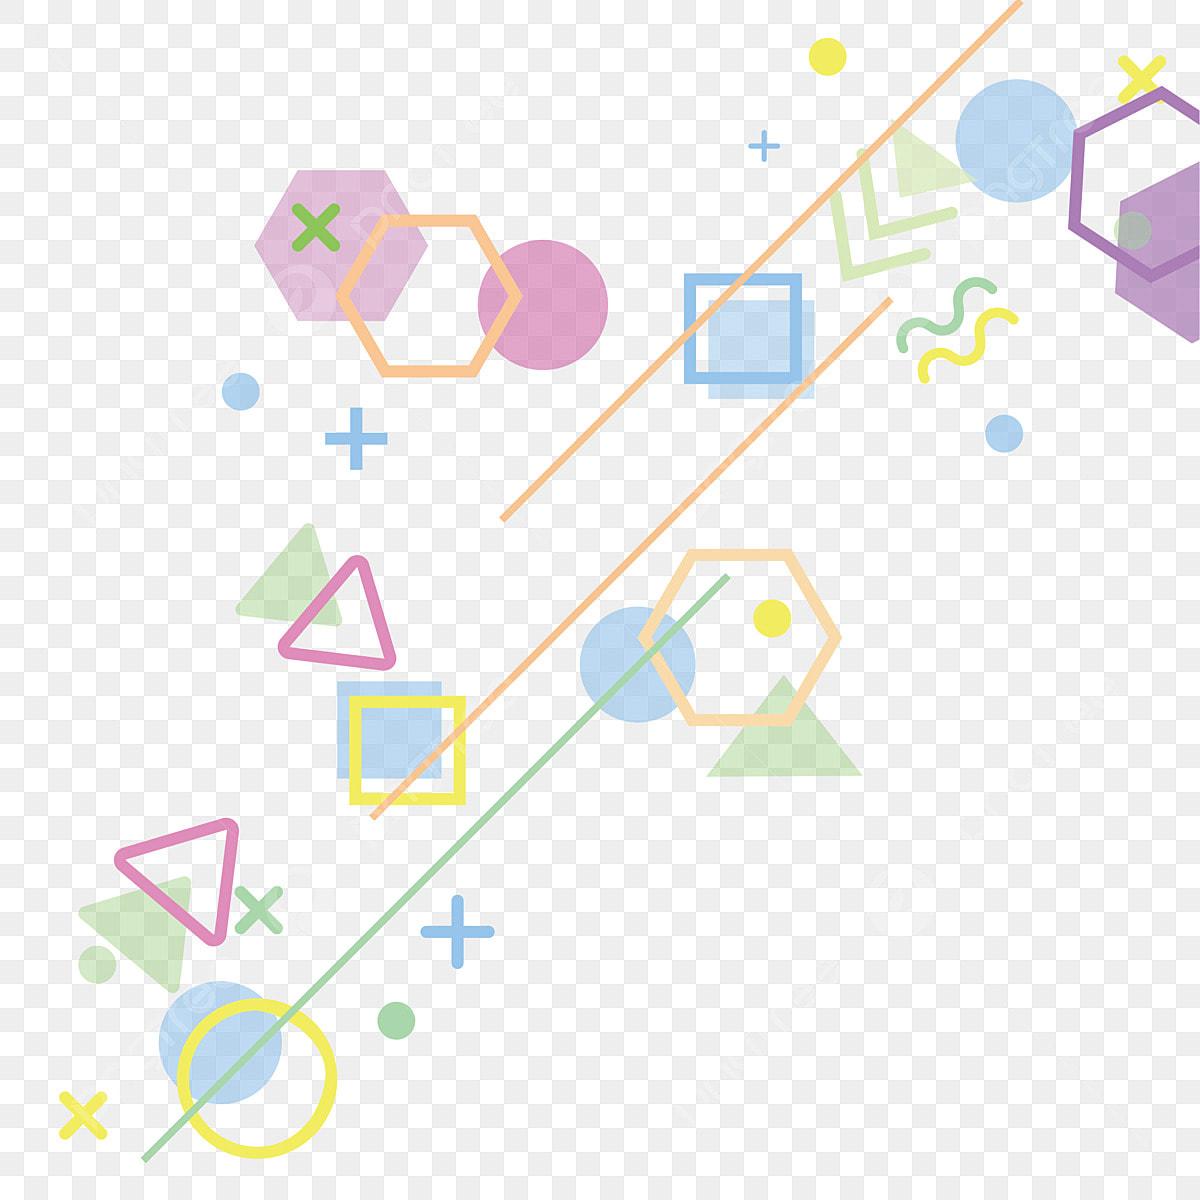 Gambar Kreatif Reka Bentuk Kreatif Abstrak Corak Abstrak Kreatif Memphis Corak Abstrak Png Dan Vektor Untuk Muat Turun Percuma